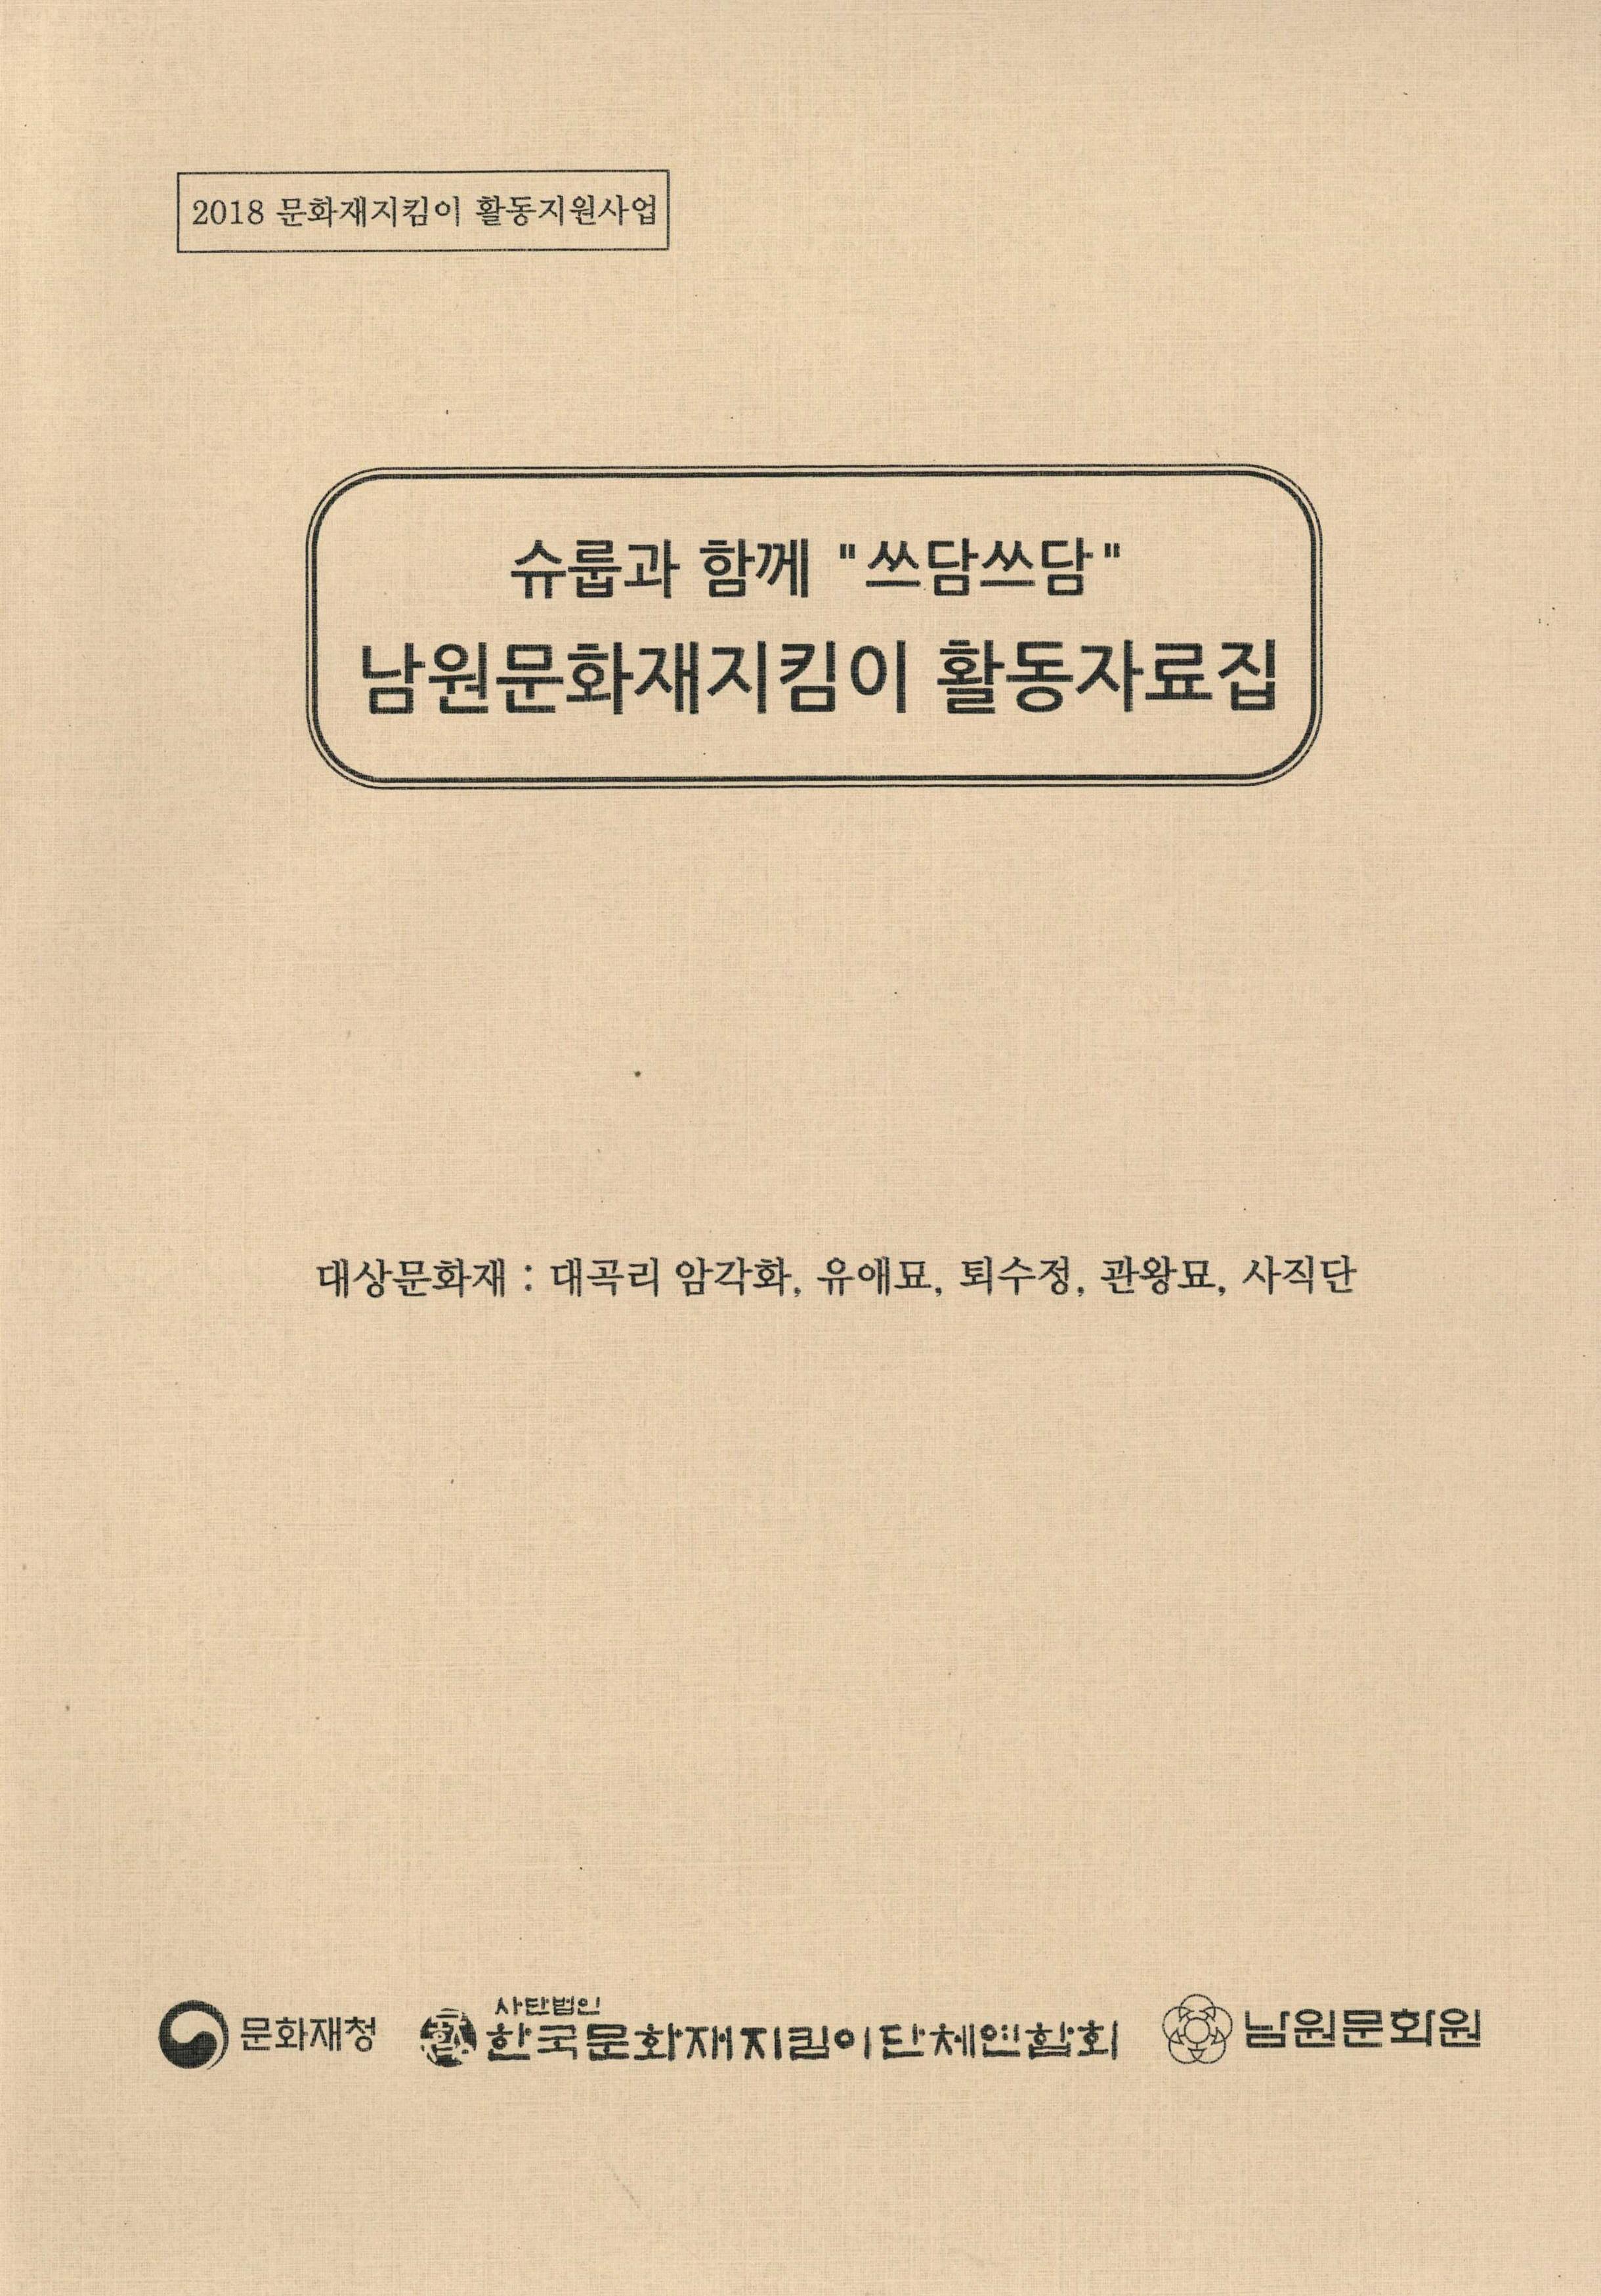 2018 문화재지킴이 활동지원사업슈룹과 함께 쓰담쓰담 남원문화재지킴이 활동자료집